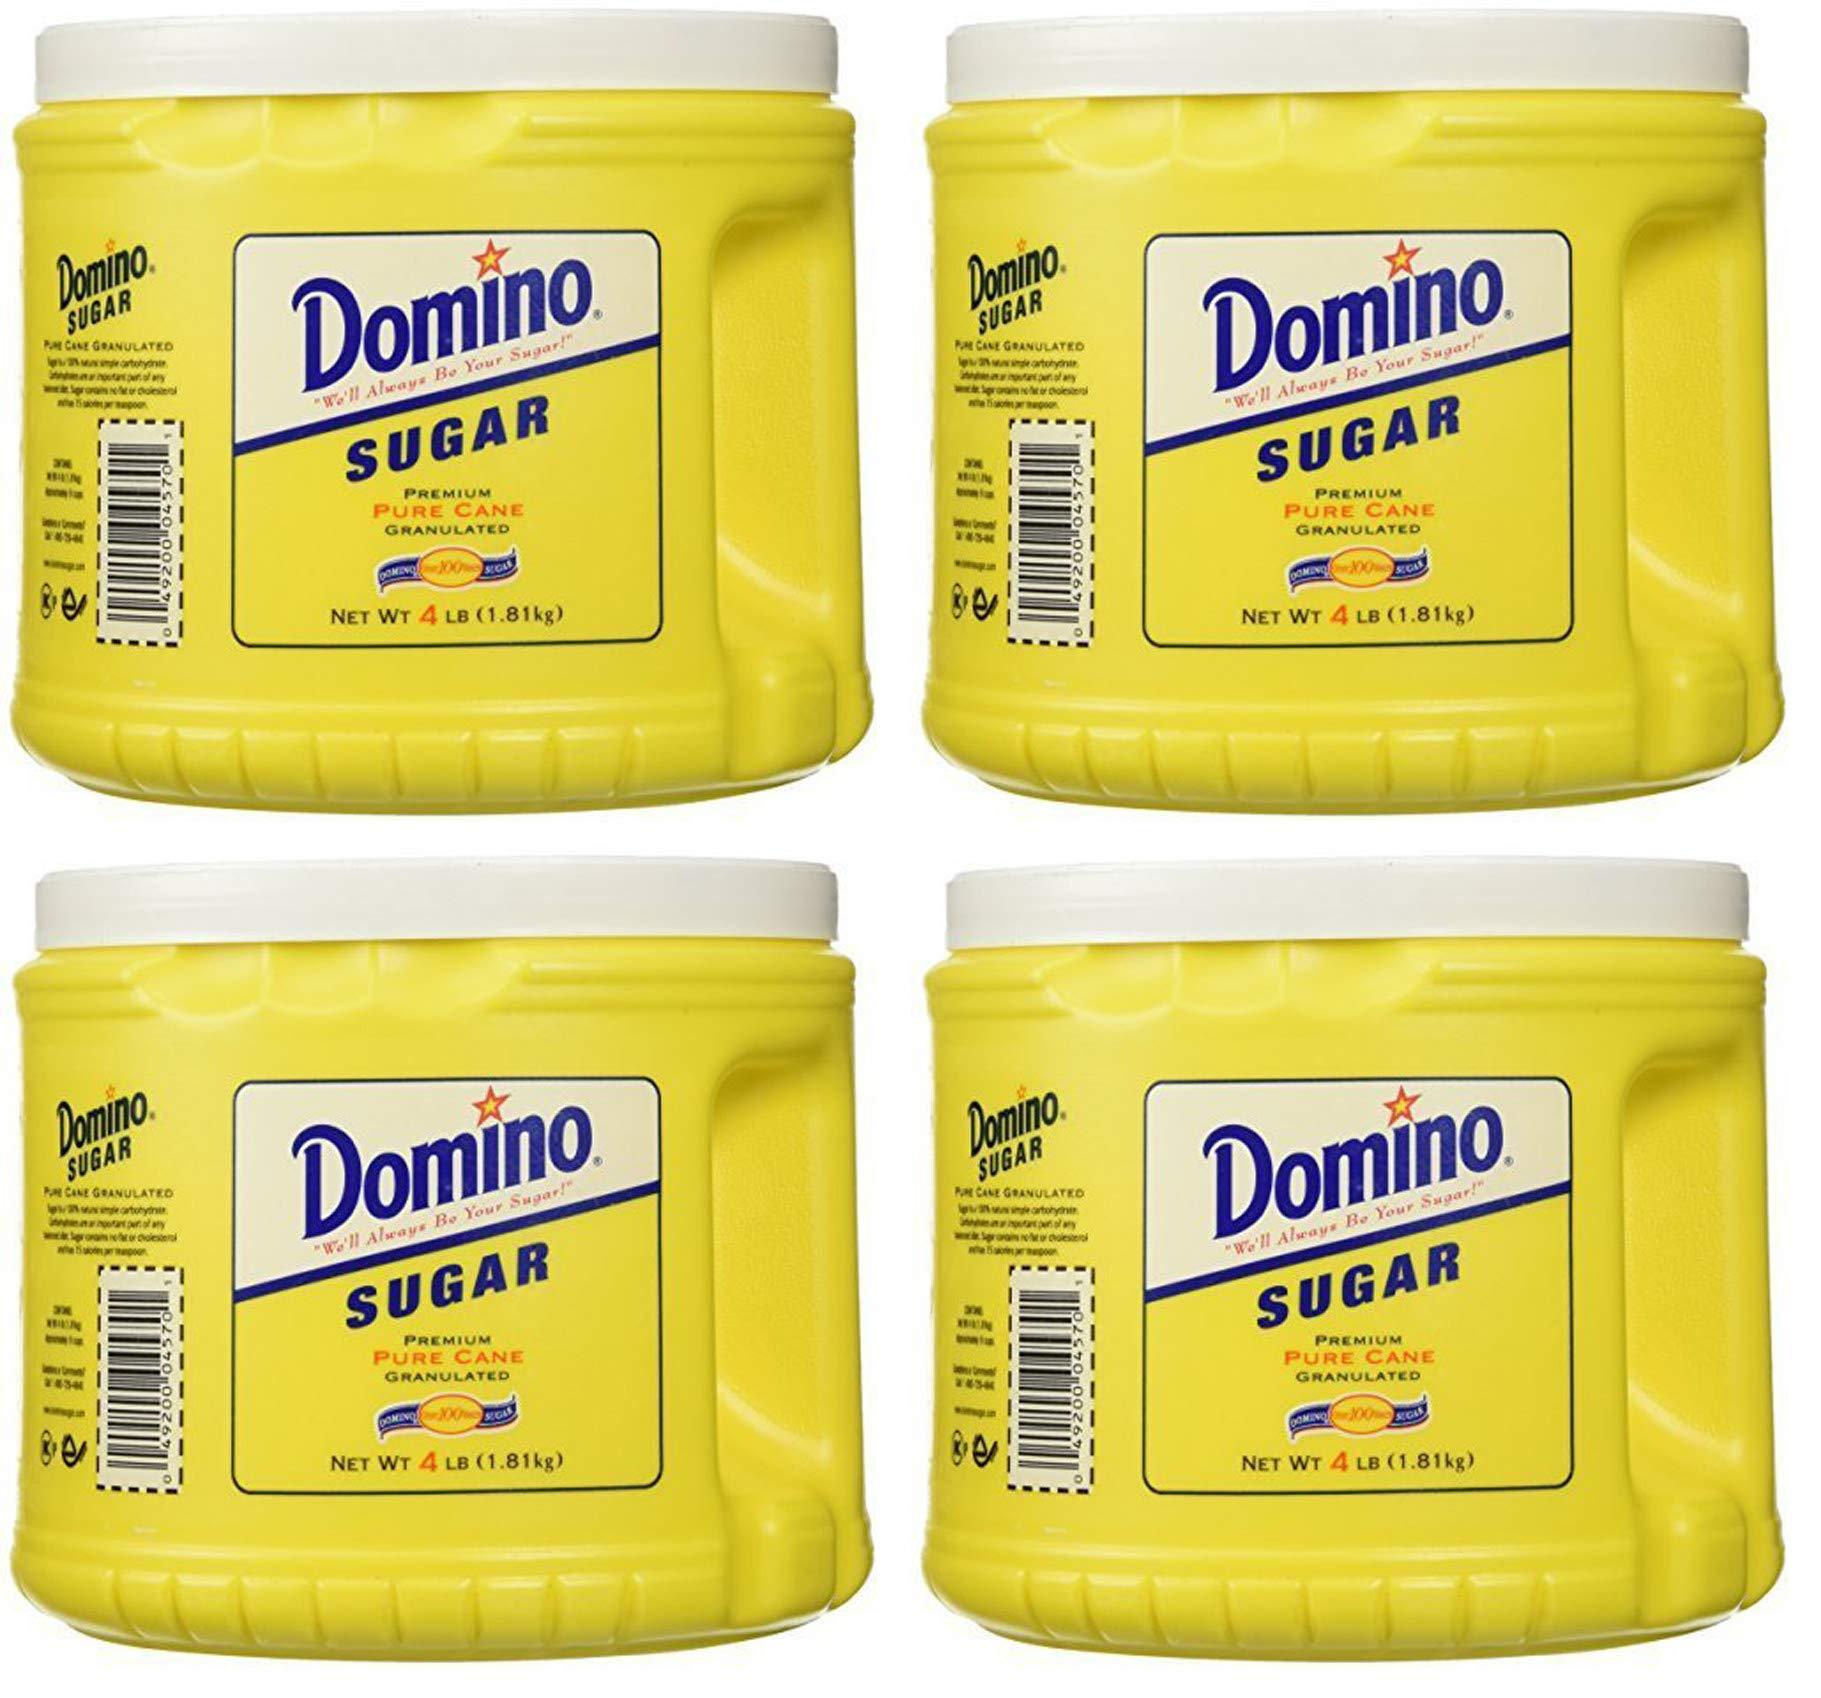 Domino YTEU Pure Cane Sugar 4lb 4 Pack